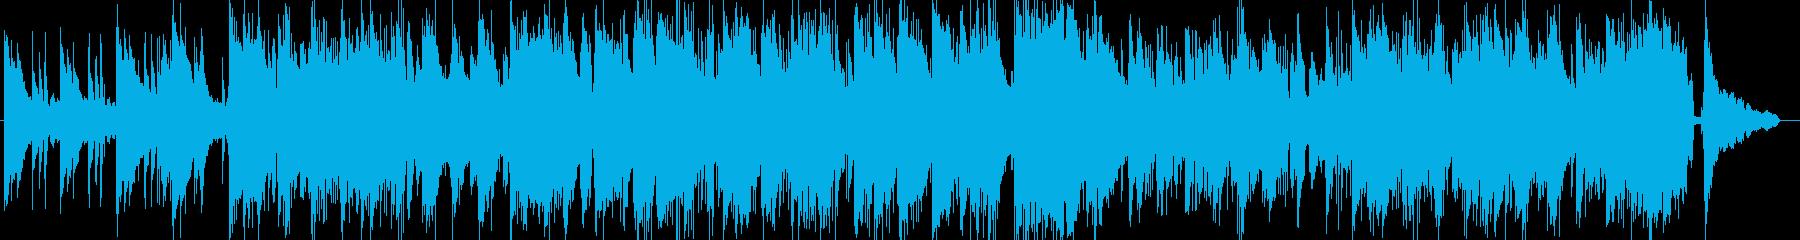 ドラムンベース風のピアノトリオ楽曲の再生済みの波形